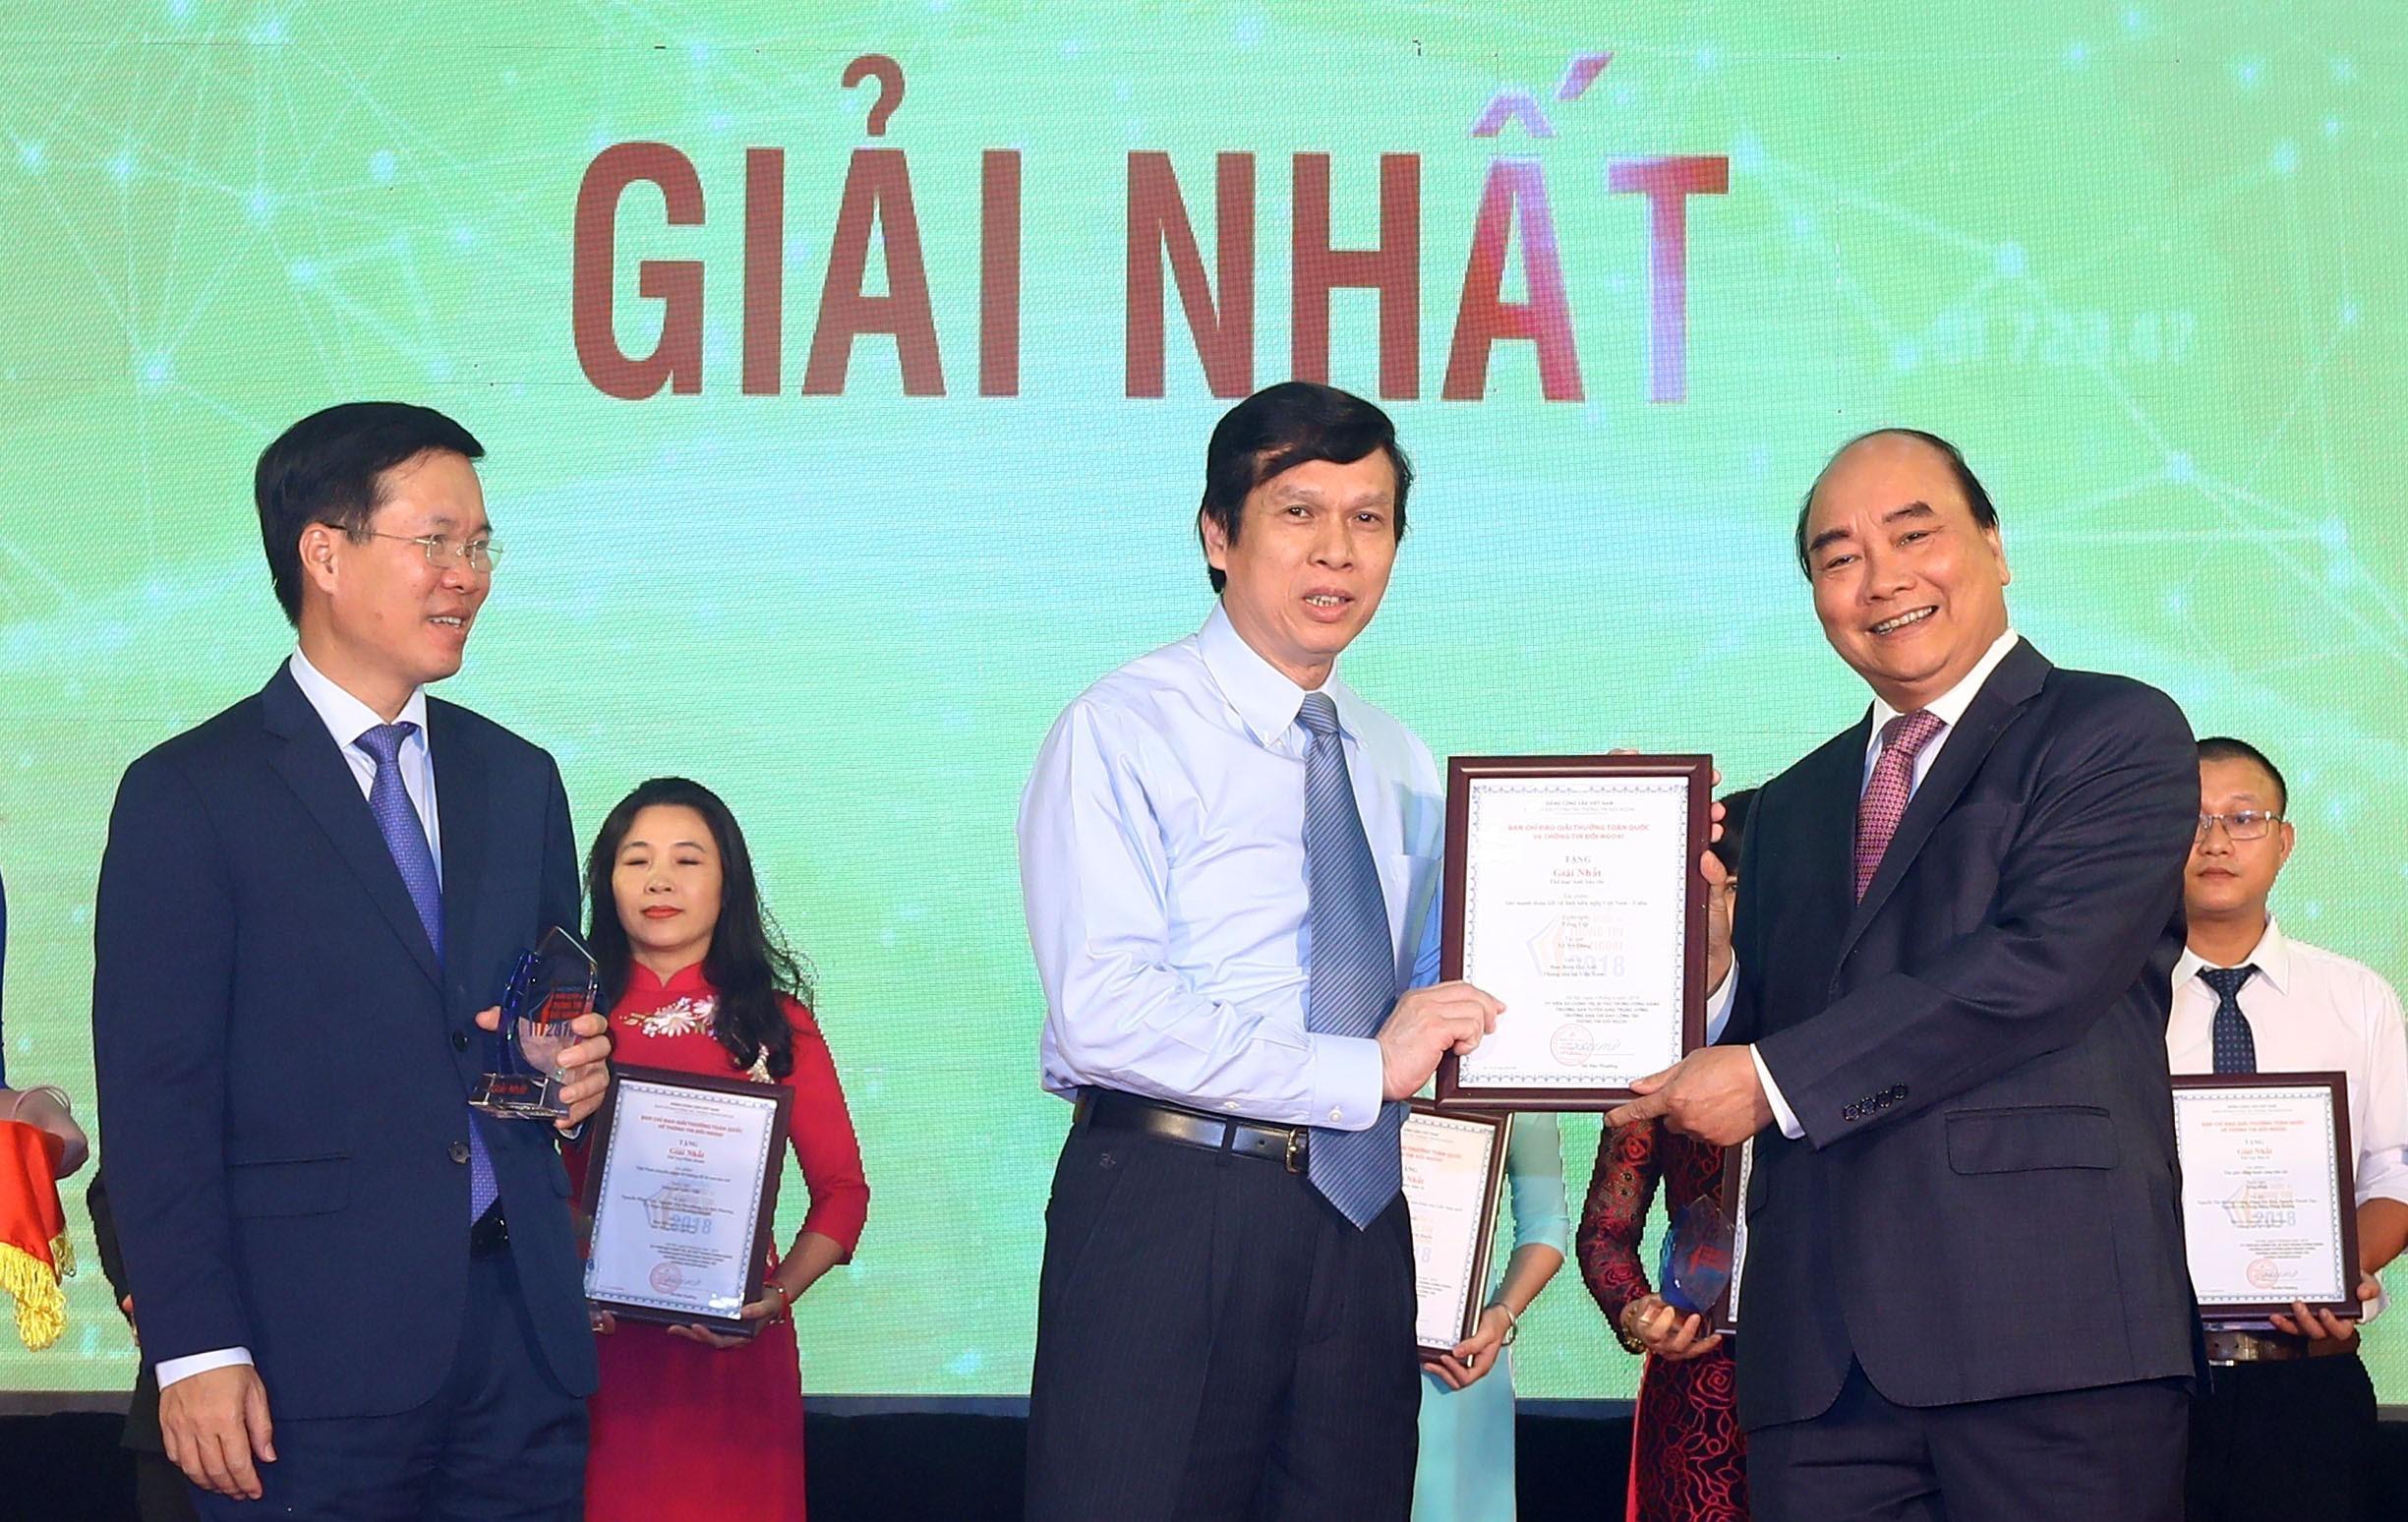 Thủ tướng Chính phủ, công tác thông tin đối ngoại, sức mạnh tổng hợp, nâng cao uy tín, vị thế Việt Nam, trường quốc tế